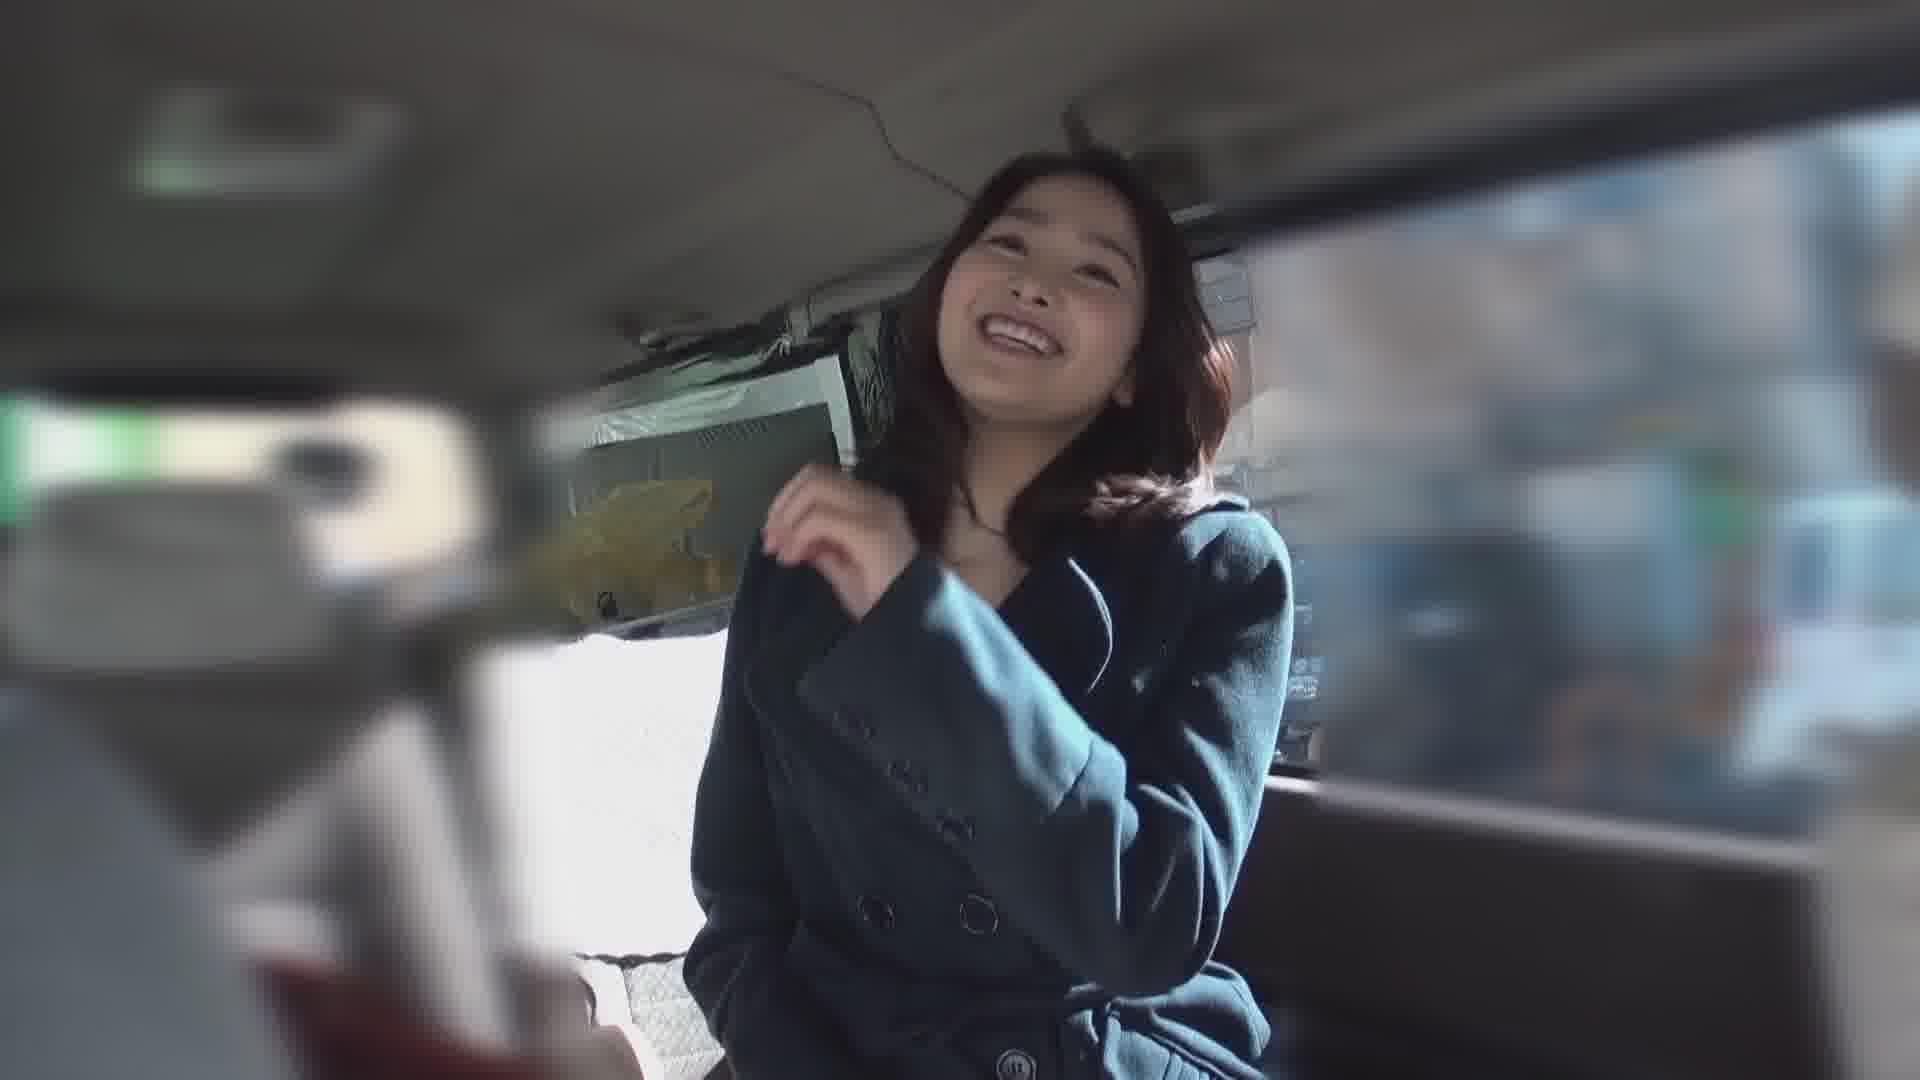 禁欲10デイズ!ヤリたい衝動MAXセックス2 - 小野寺梨紗【痴女・ボンテージ・3P】